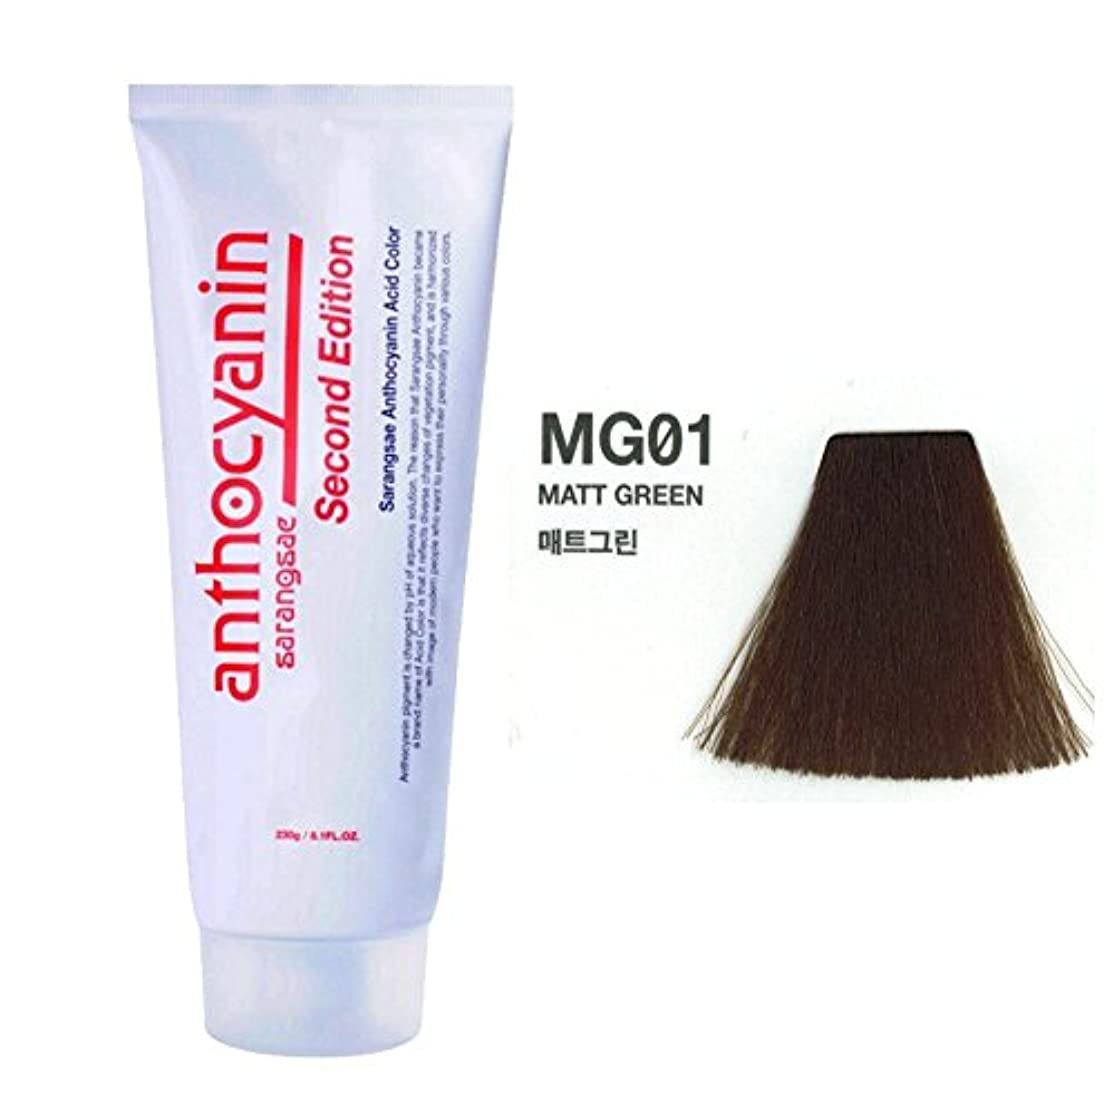 カール家事をするシフトヘア マニキュア カラー セカンド エディション 230g セミ パーマネント 染毛剤 (Hair Manicure Color Second Edition 230g Semi Permanent Hair Dye) [並行輸入品] (MG01 Marr Green)